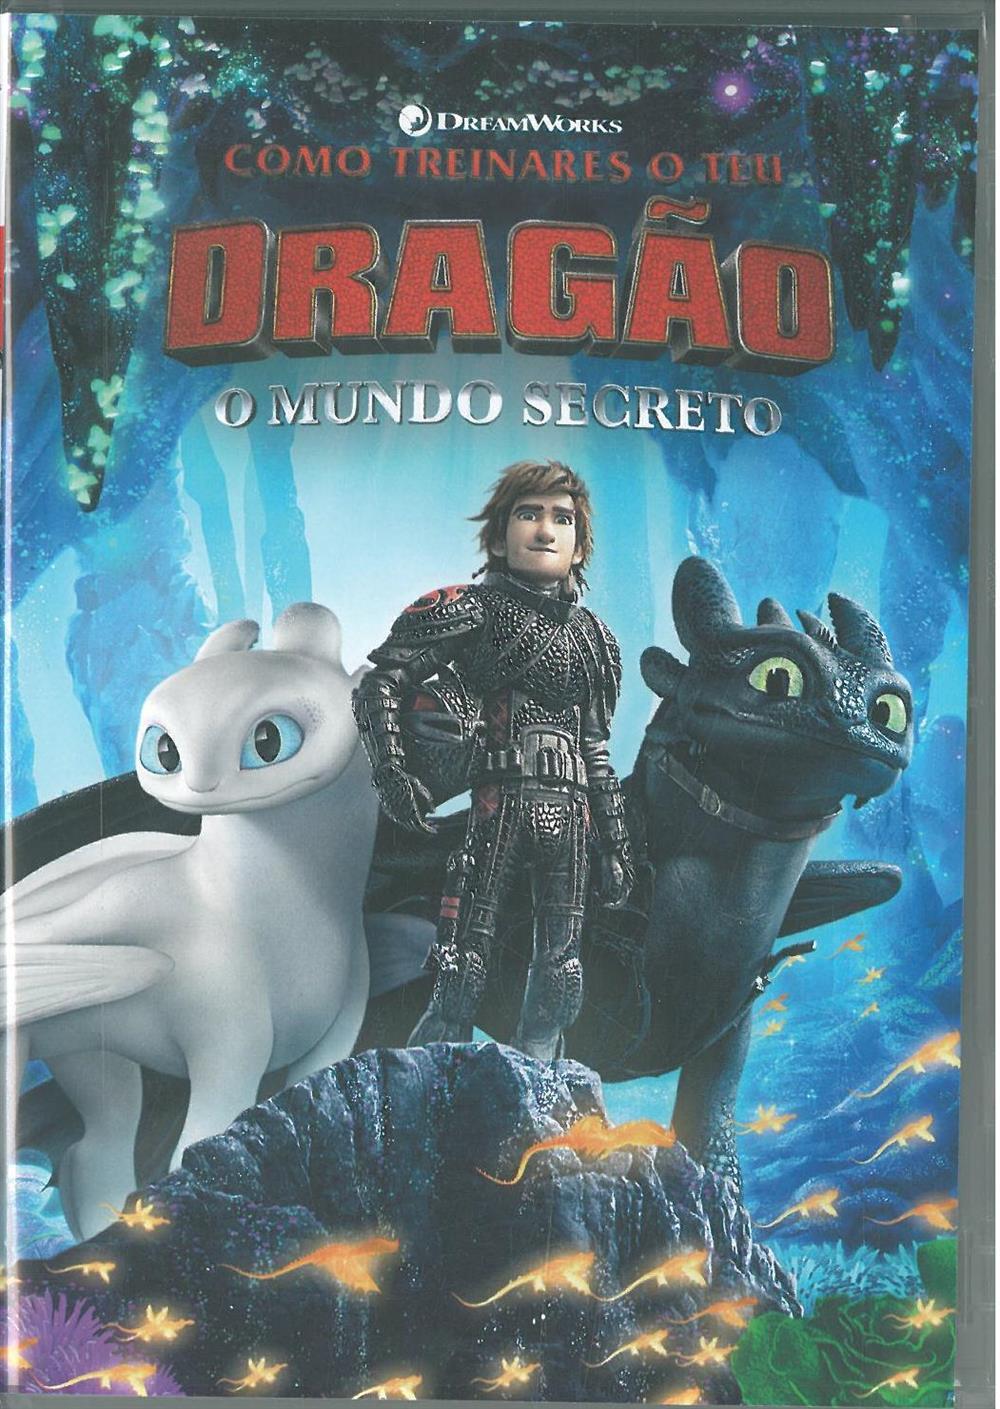 Como treinares o teu dragão-DVD.jpg